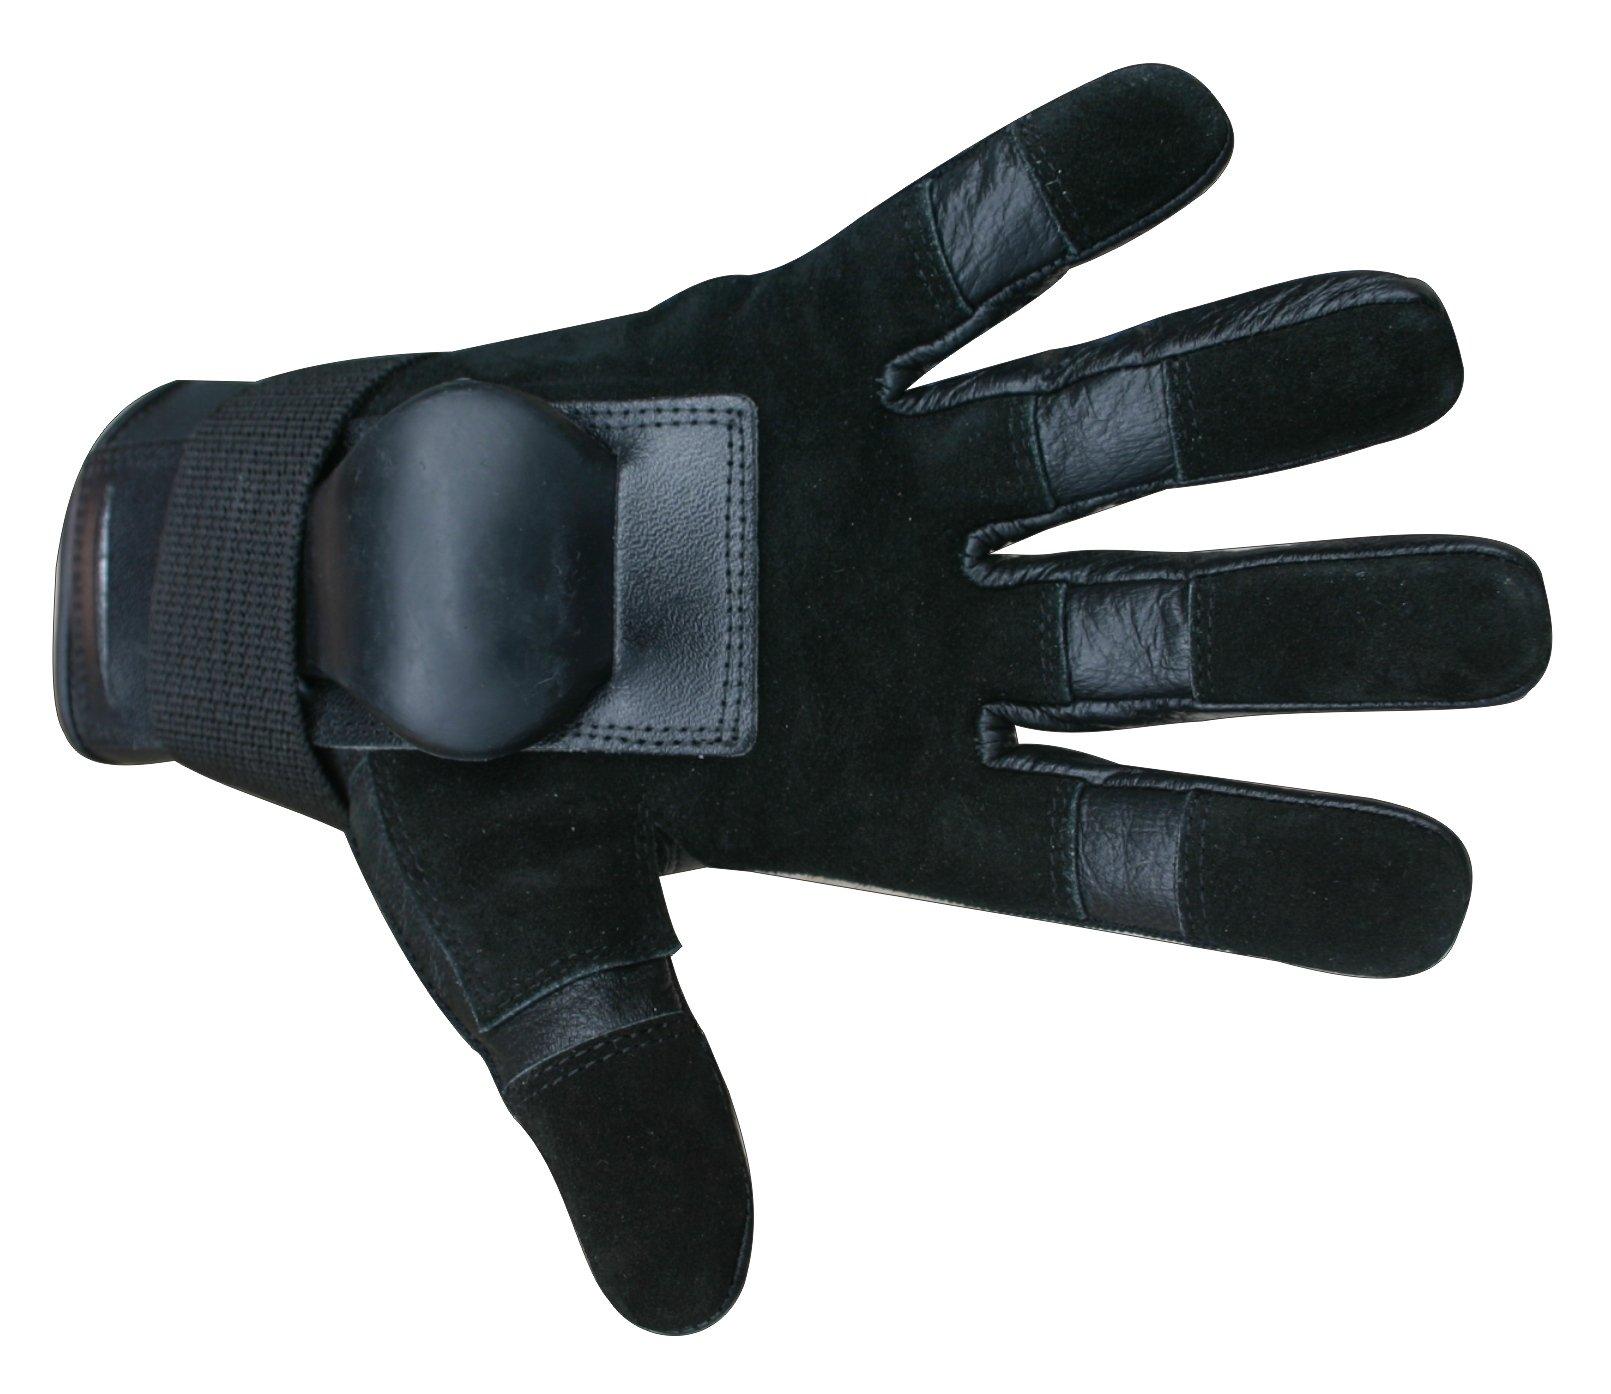 Hillbilly Wrist Guard Gloves - Full Finger (Black, Medium)